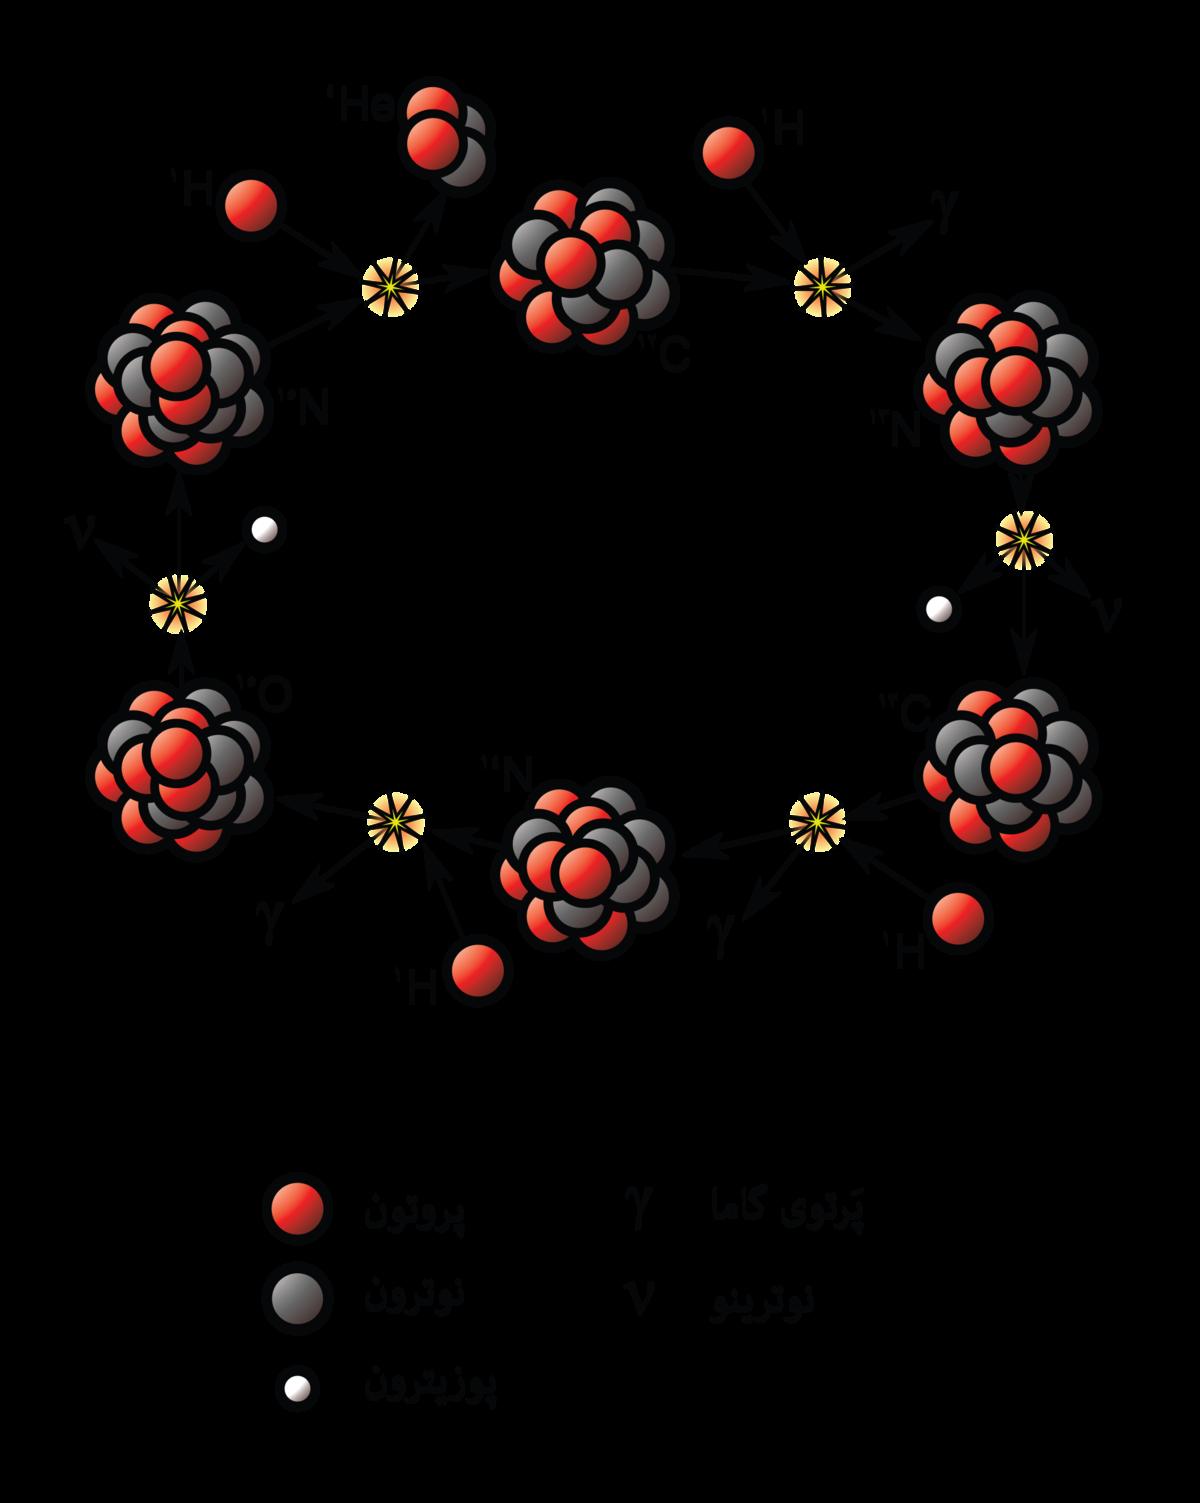 ایزوتوپ های یک عنصر در کدام یک از موارد زیر با هم تفاوت دارند